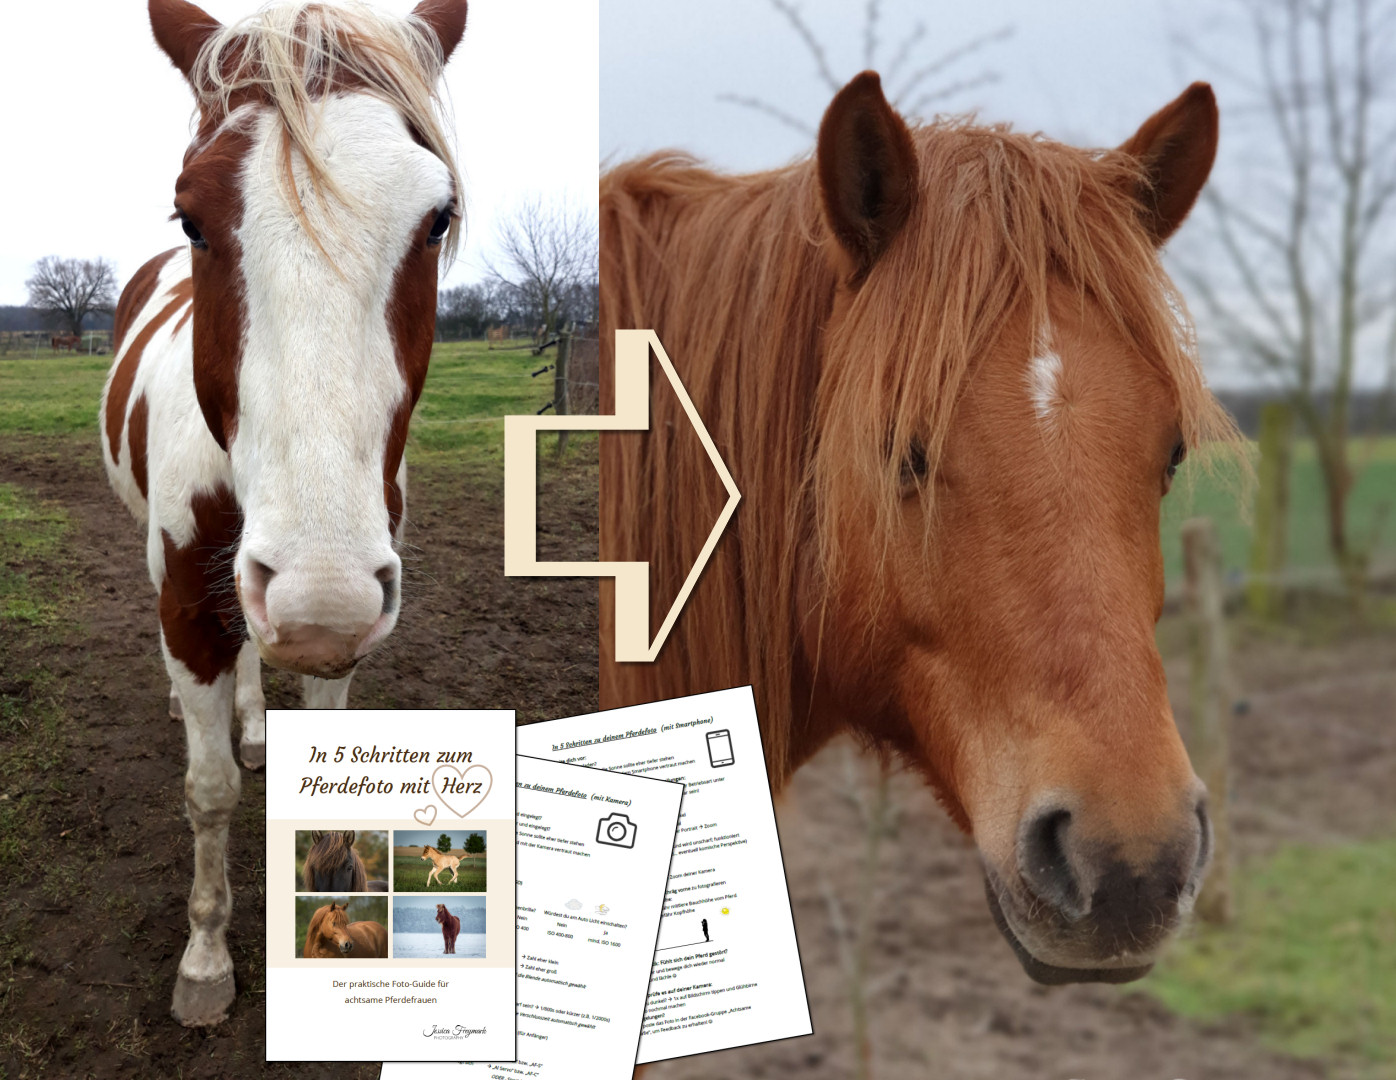 Mit dem Foto-Guide zu wunderschönen Pferdefotos!